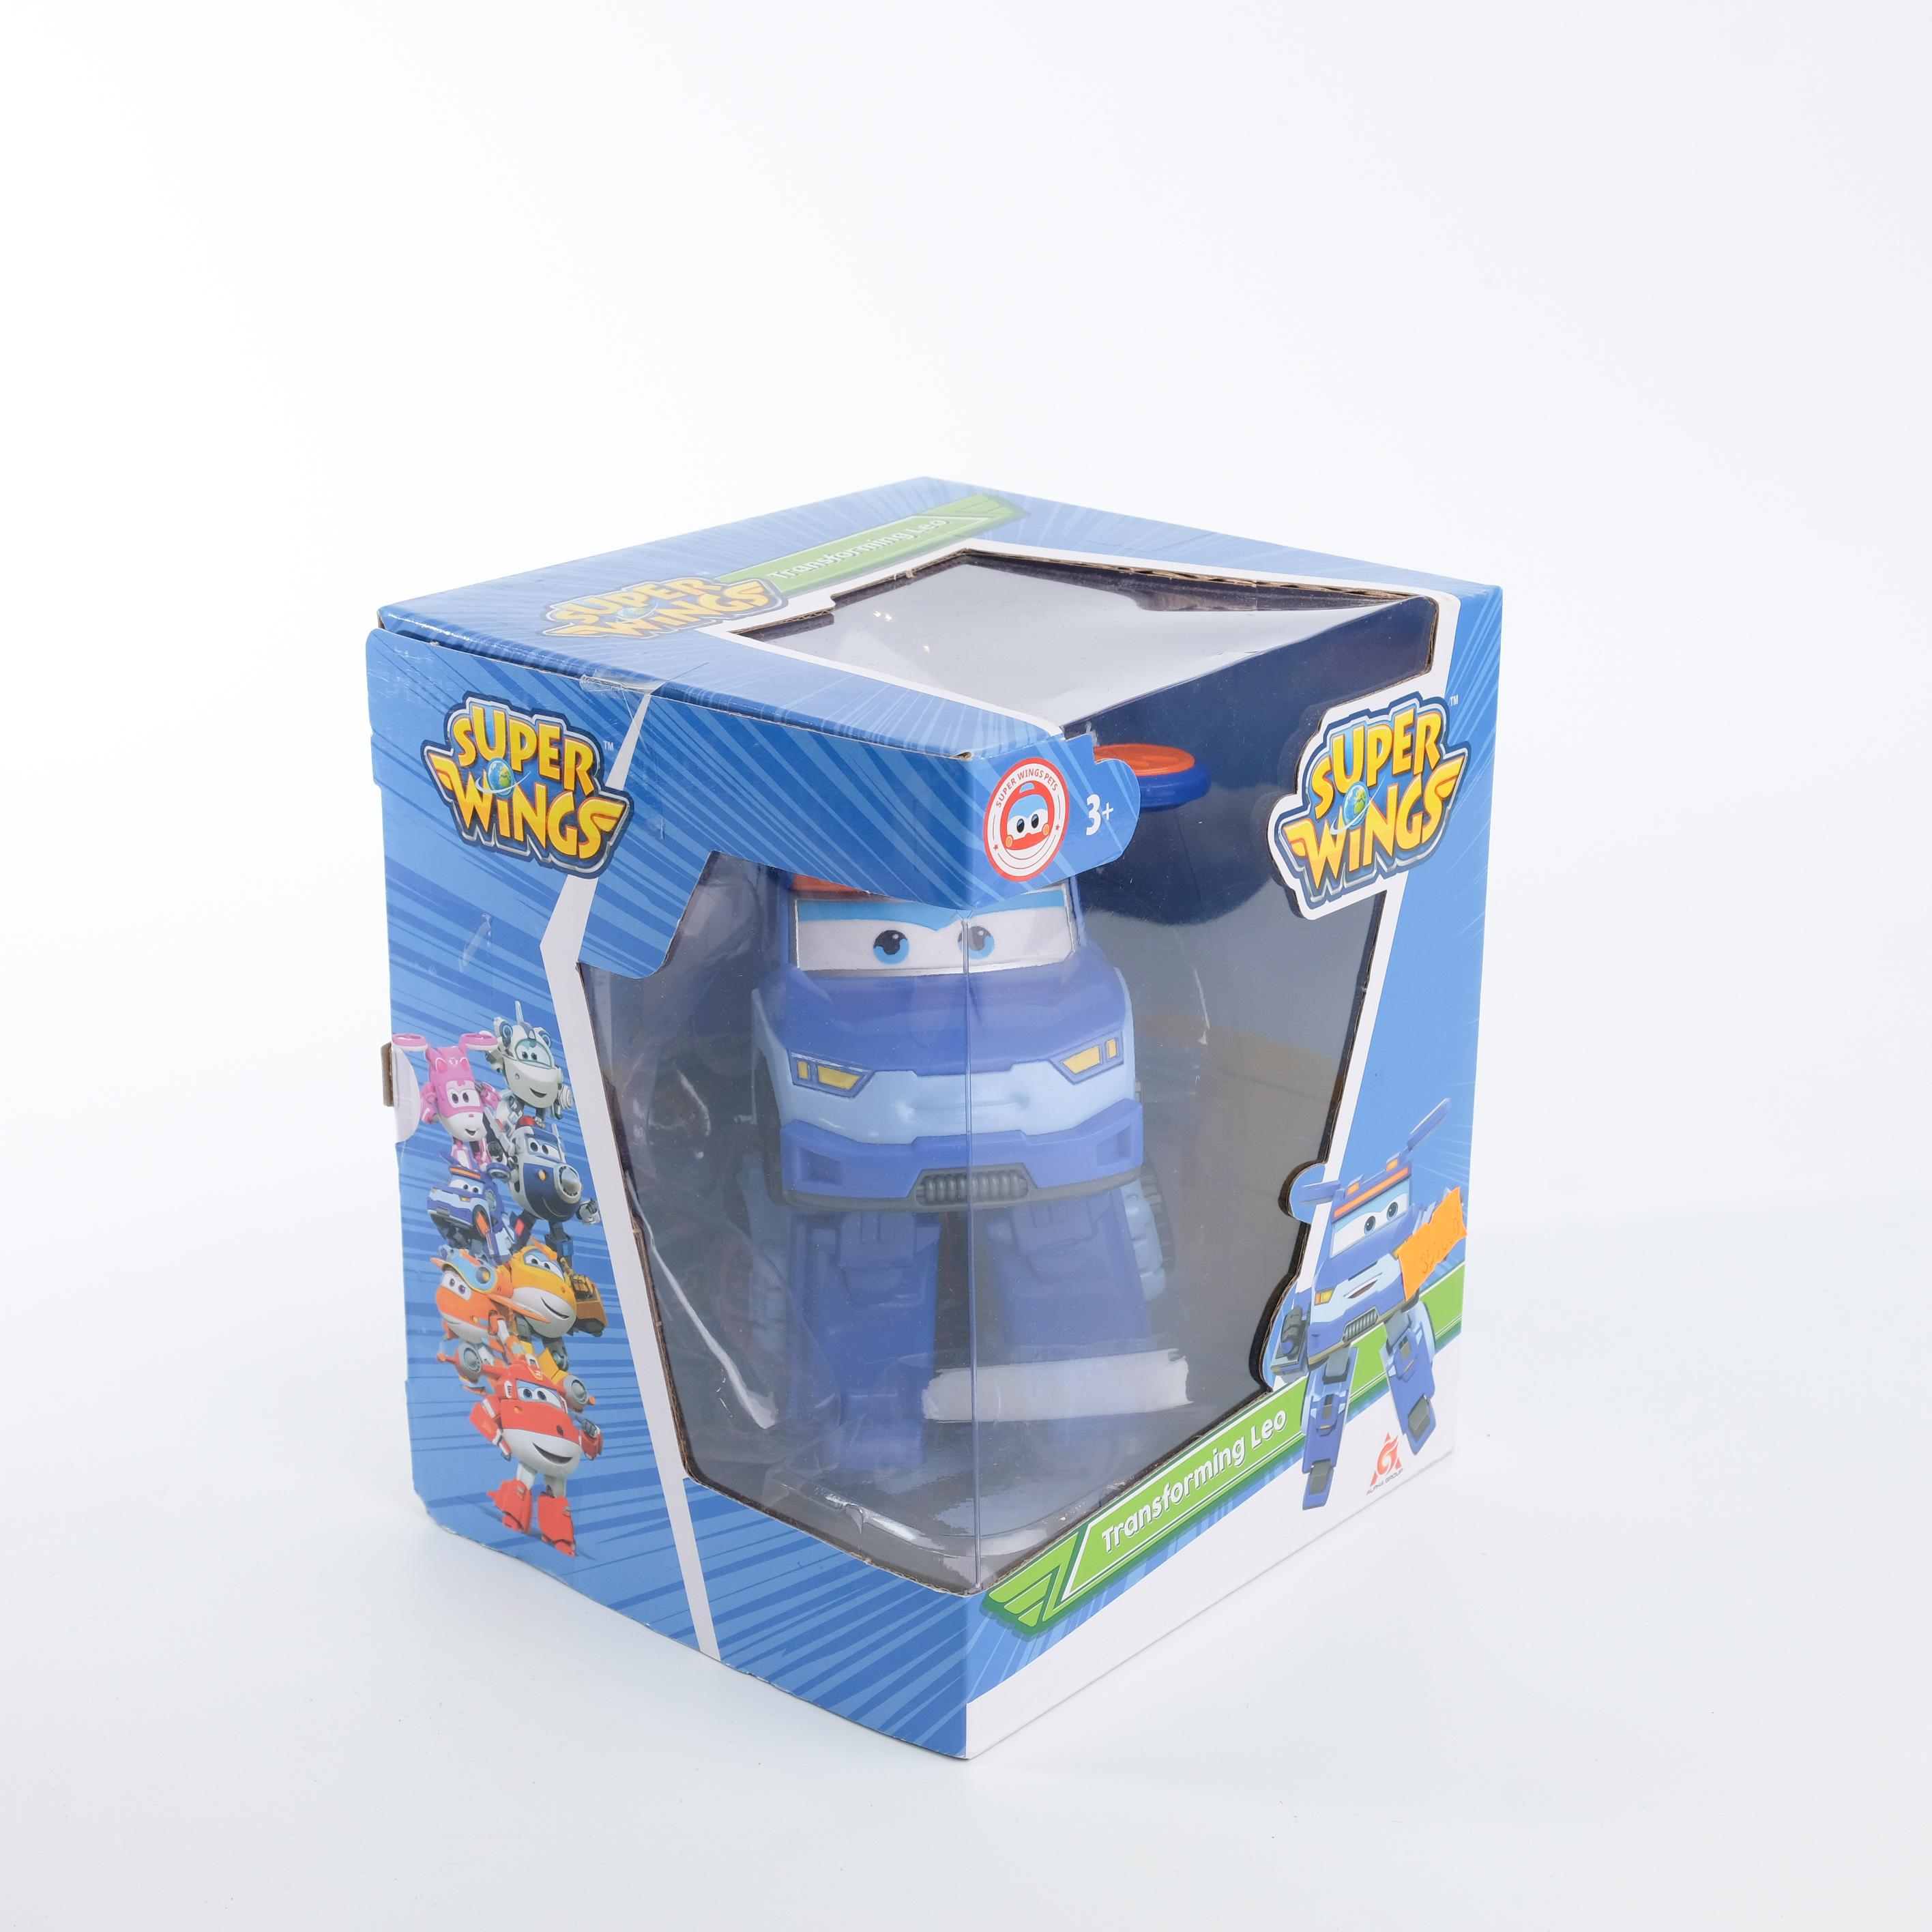 Đồ chơi Robot biến hình Cỡ lớn Leo mạnh mẽ YW750232